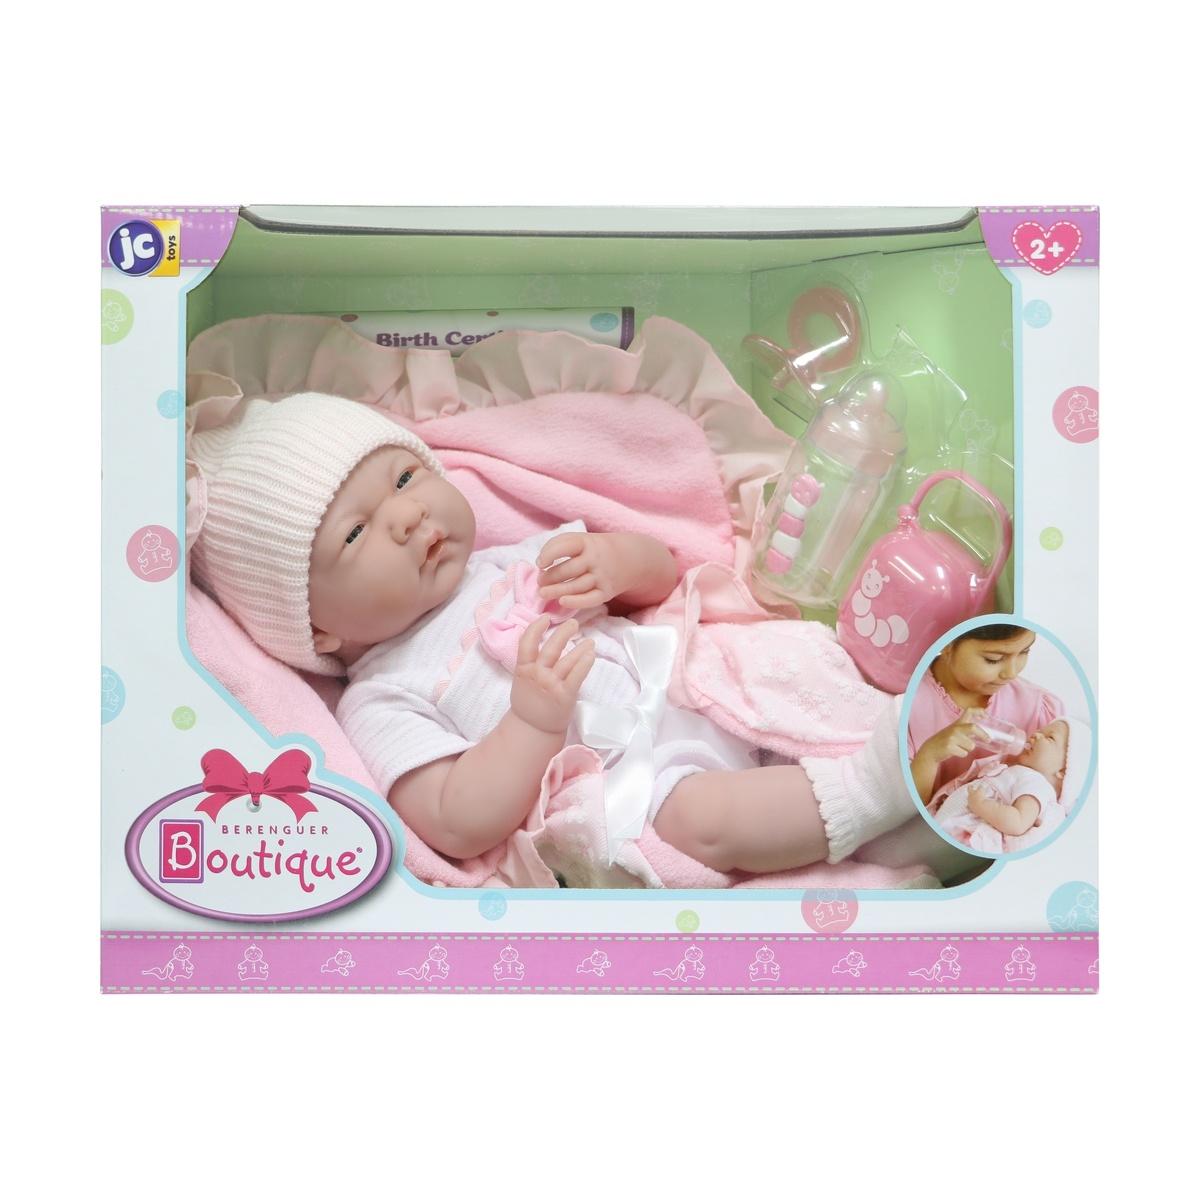 Boutique Newborn Doll | Kmart